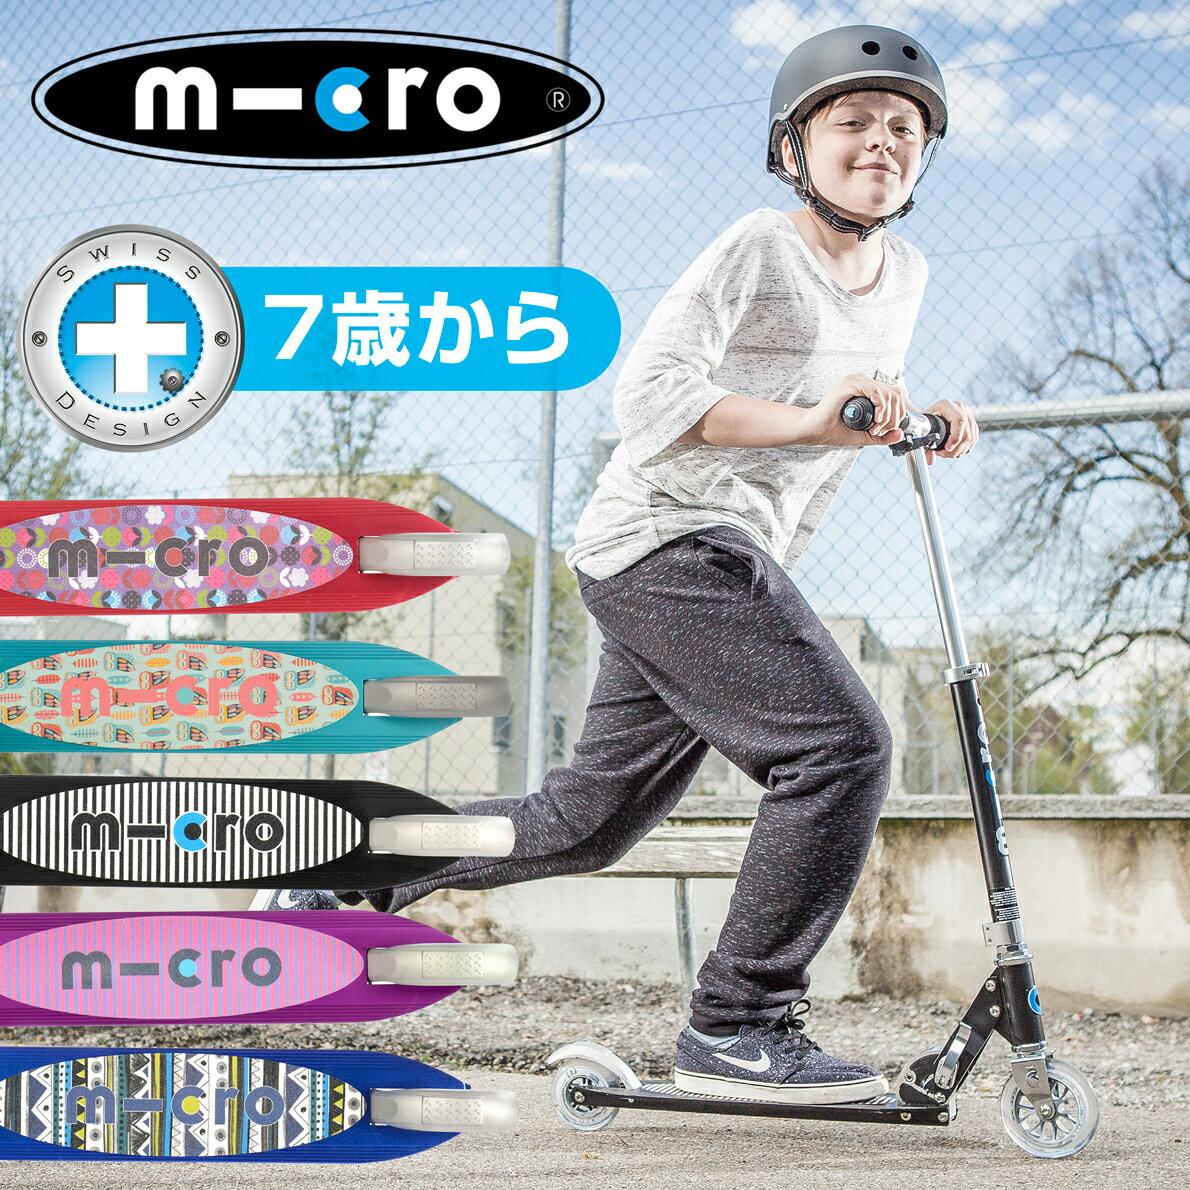 マイクロ・スプライト・スペシャル・エディション【7歳以上から大人まで】軽量&コンパクト 初めての2輪スクーターにも最適 スタイリッシュなスイスデザイン 送料無料 正規品 メーカー2年保証 キックボード